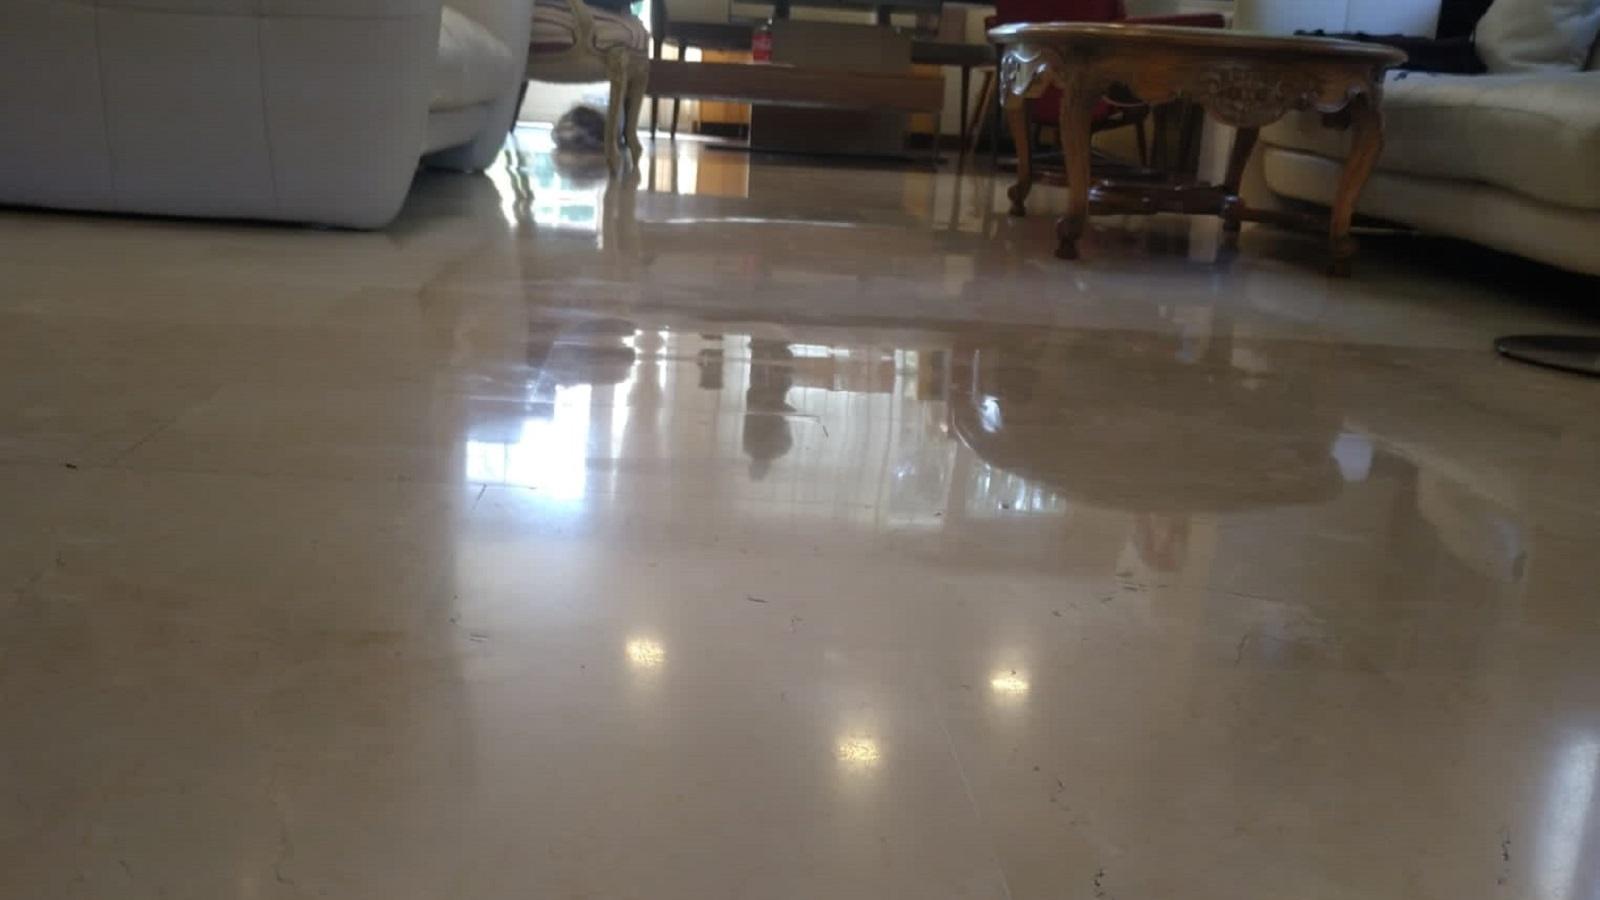 Mantenimiento de suelos de mármol en negocios y viviendas